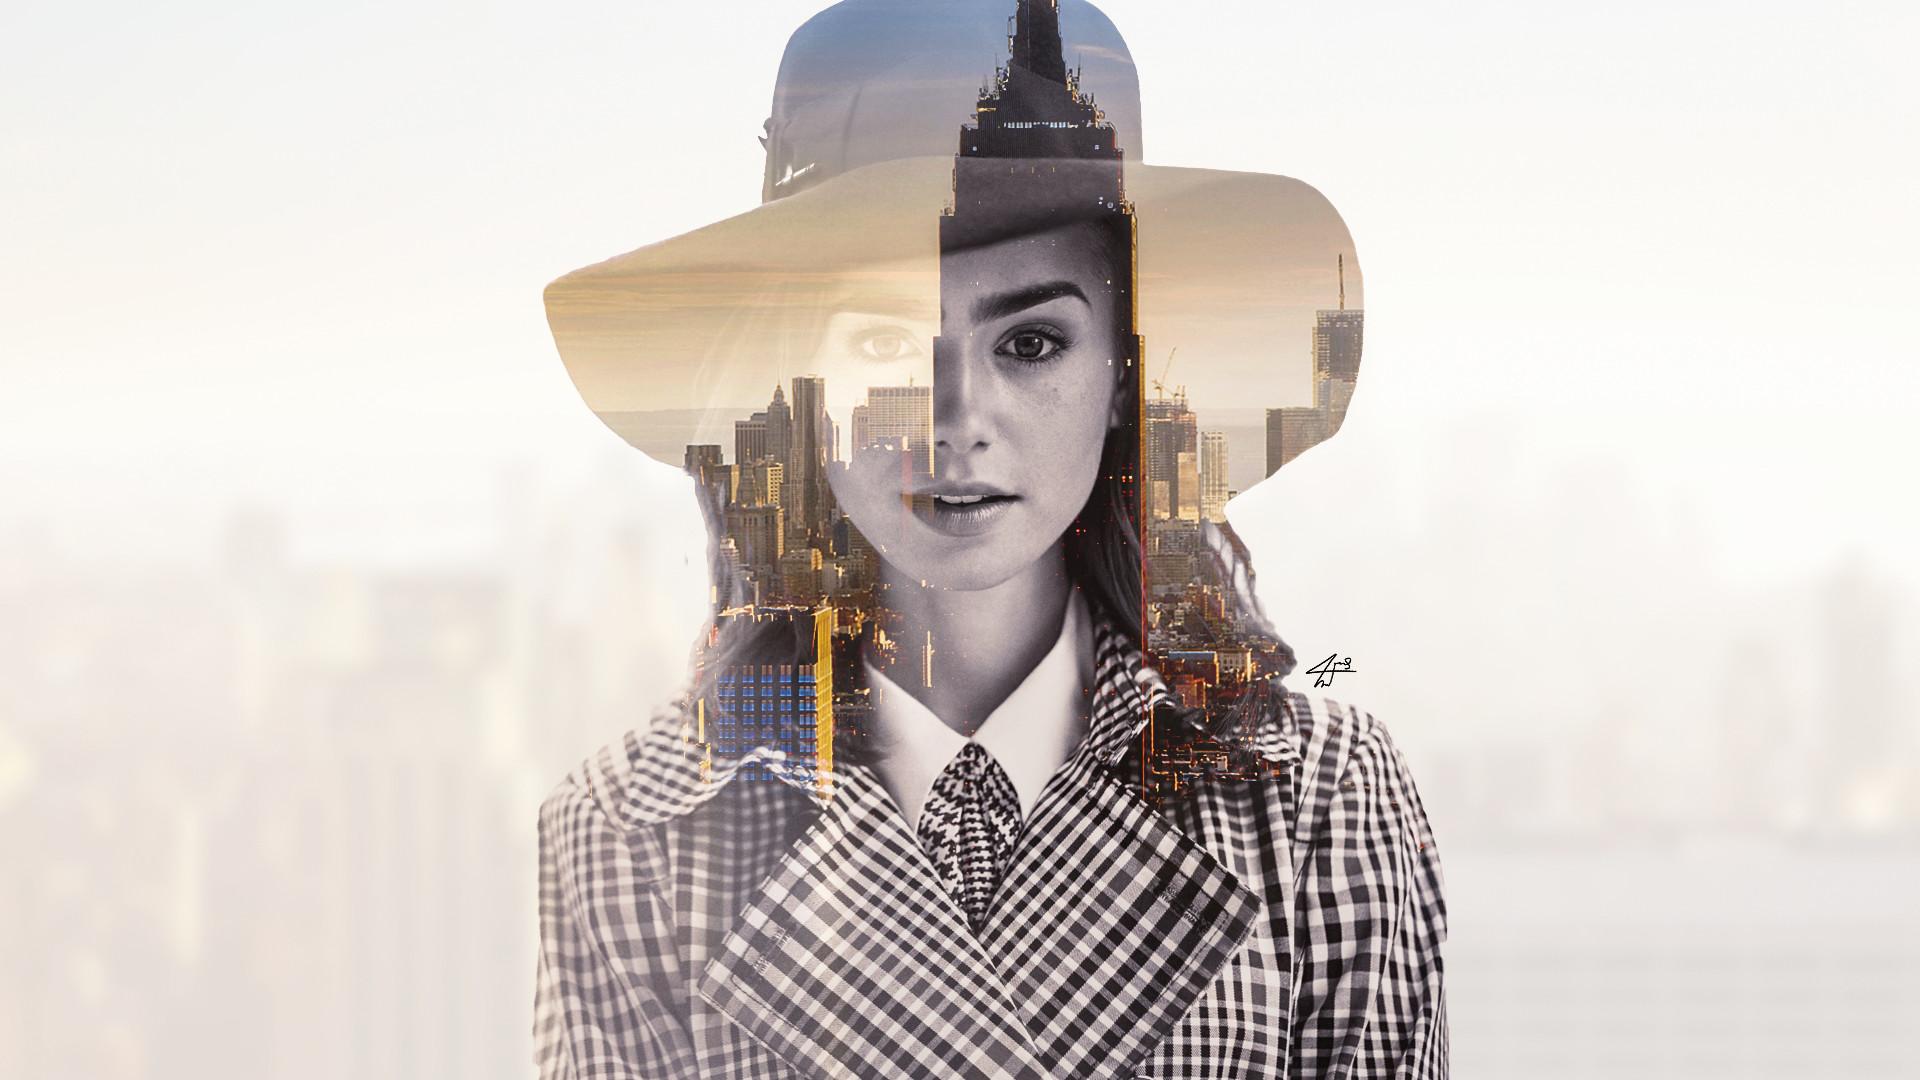 Wallpaper Lily Collins, fan art, celebrity